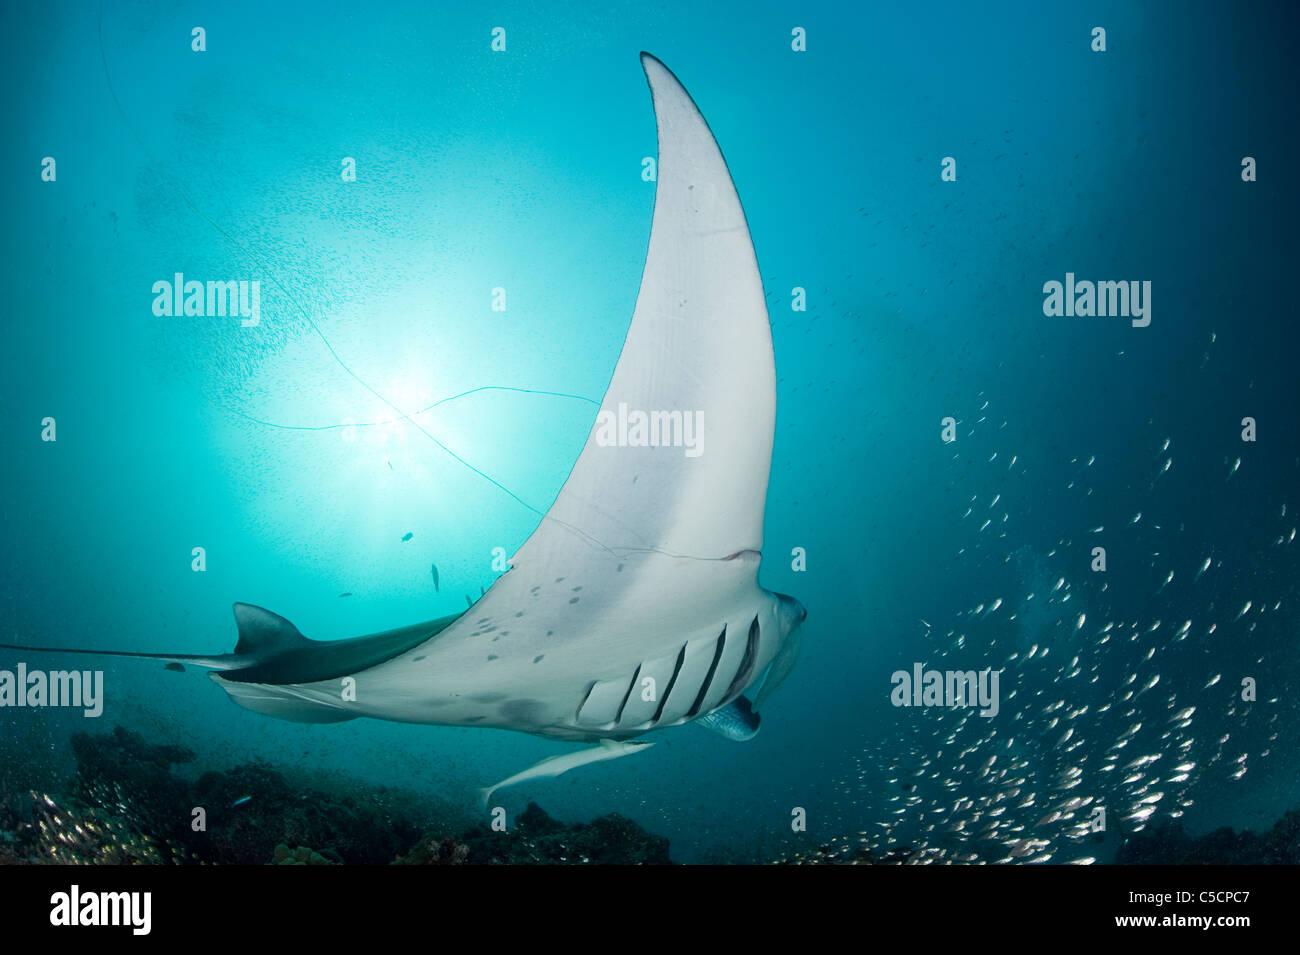 manta ray entangled in monofilament fishing line, Hanifaru Lagoon, Baa Atoll, Maldives - Stock Image